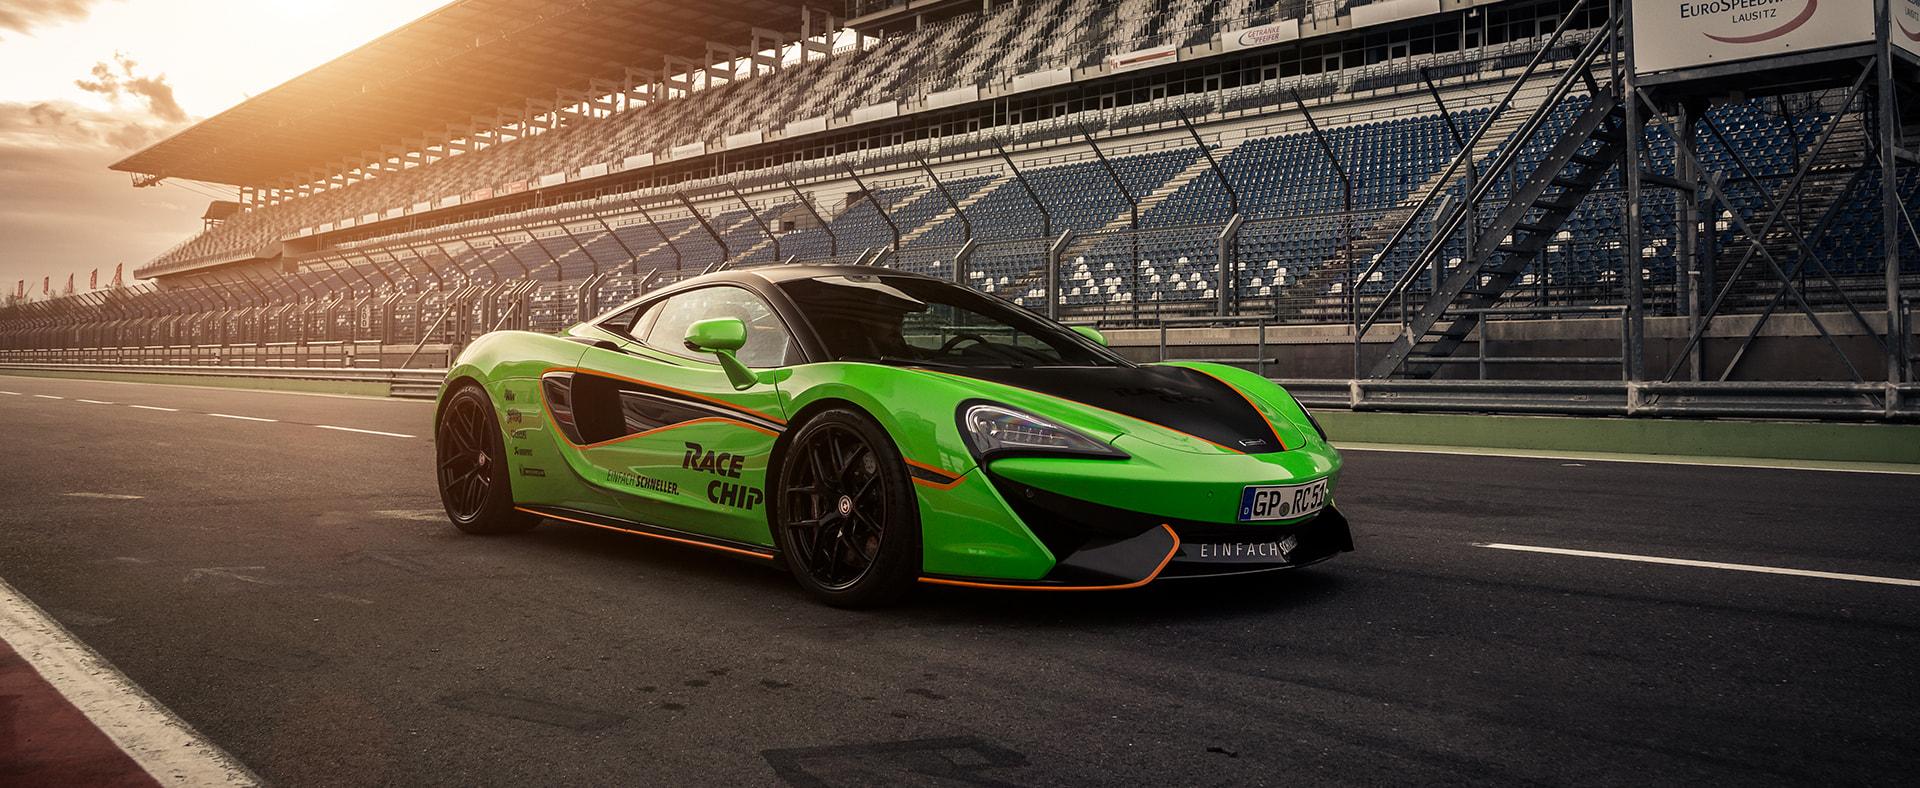 RaceChip McLaren 570S